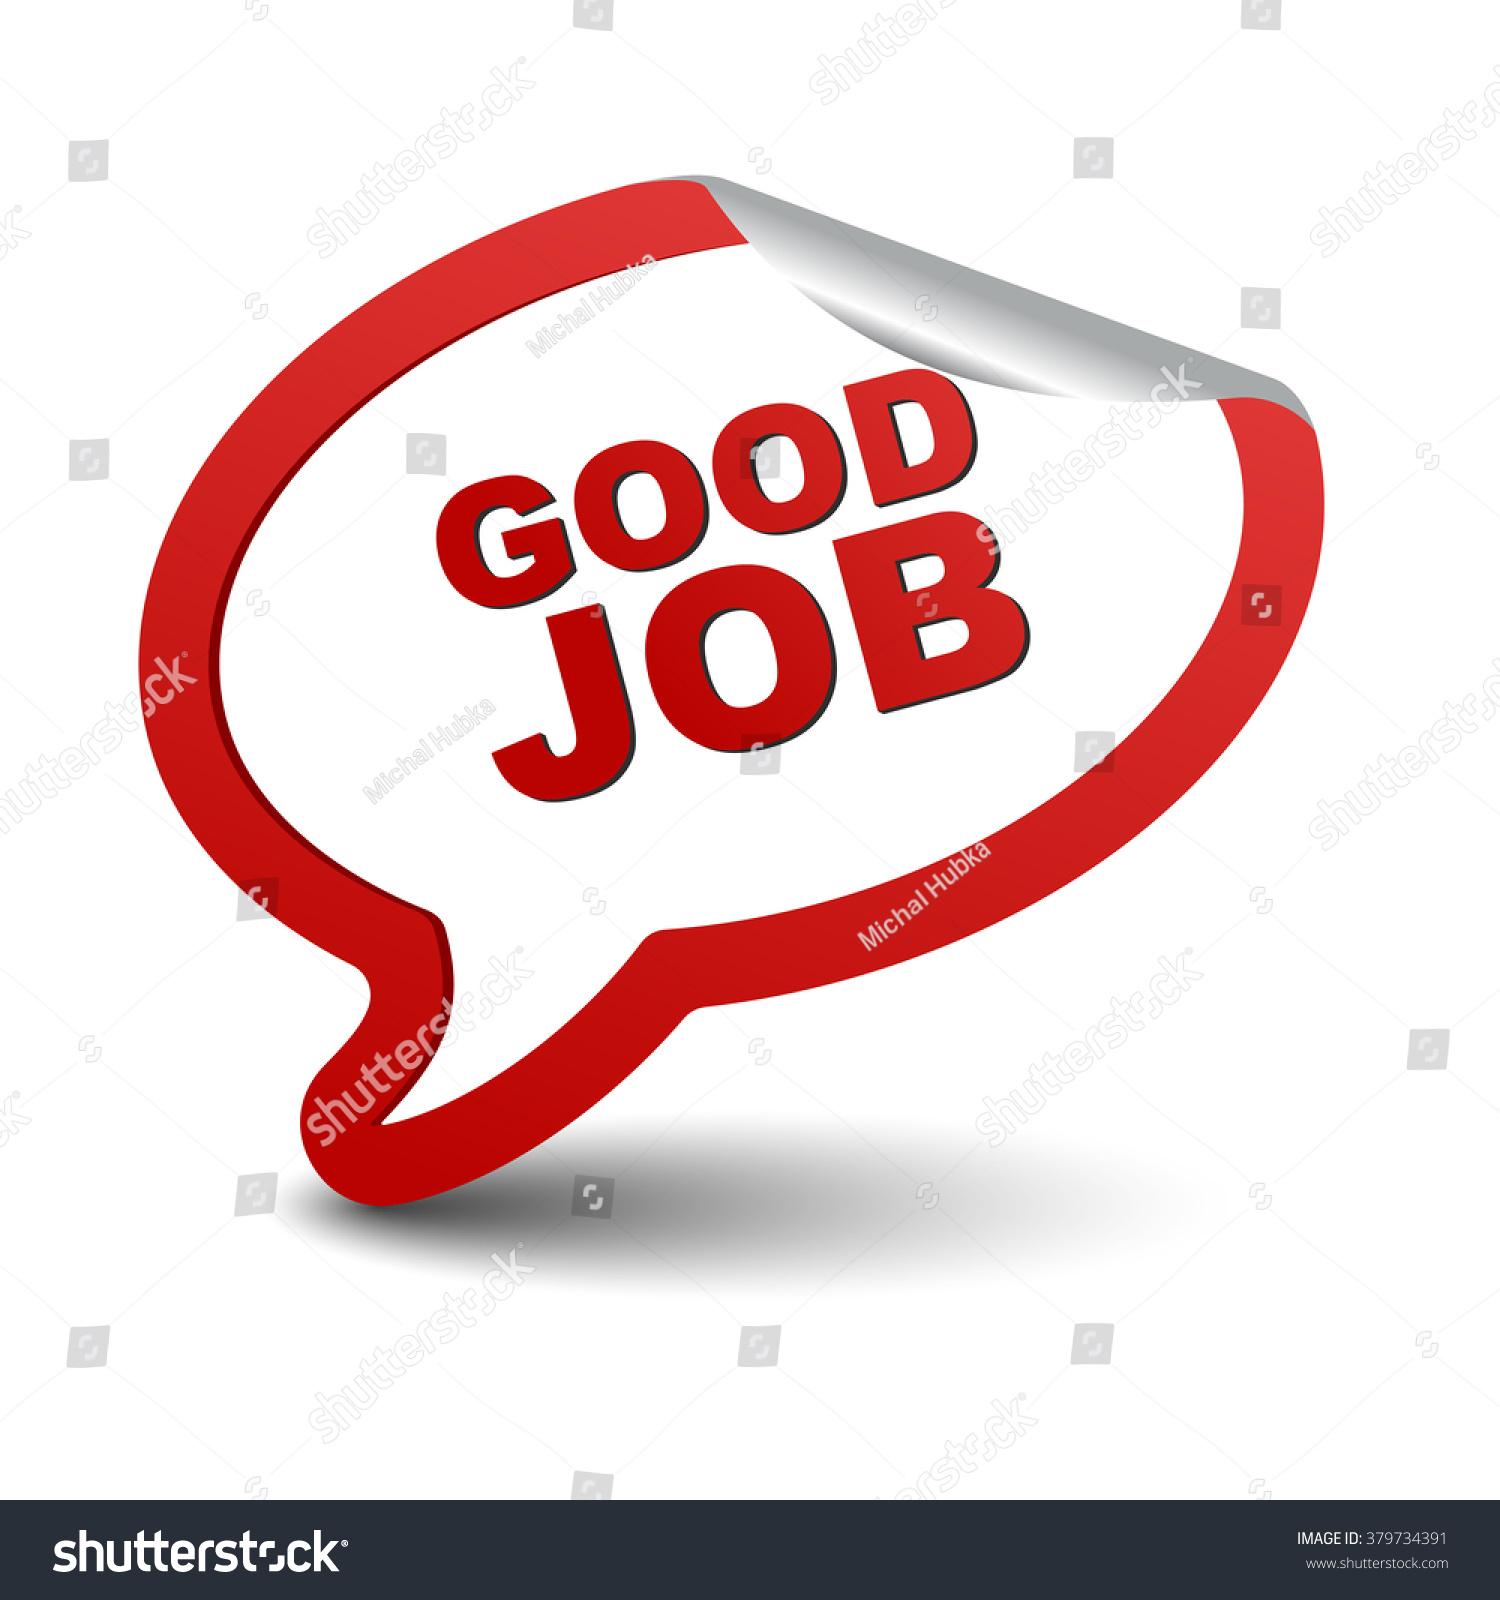 good job sites good job good websites for jobs ideas about best good job sticker bubble good job element good job sign good job